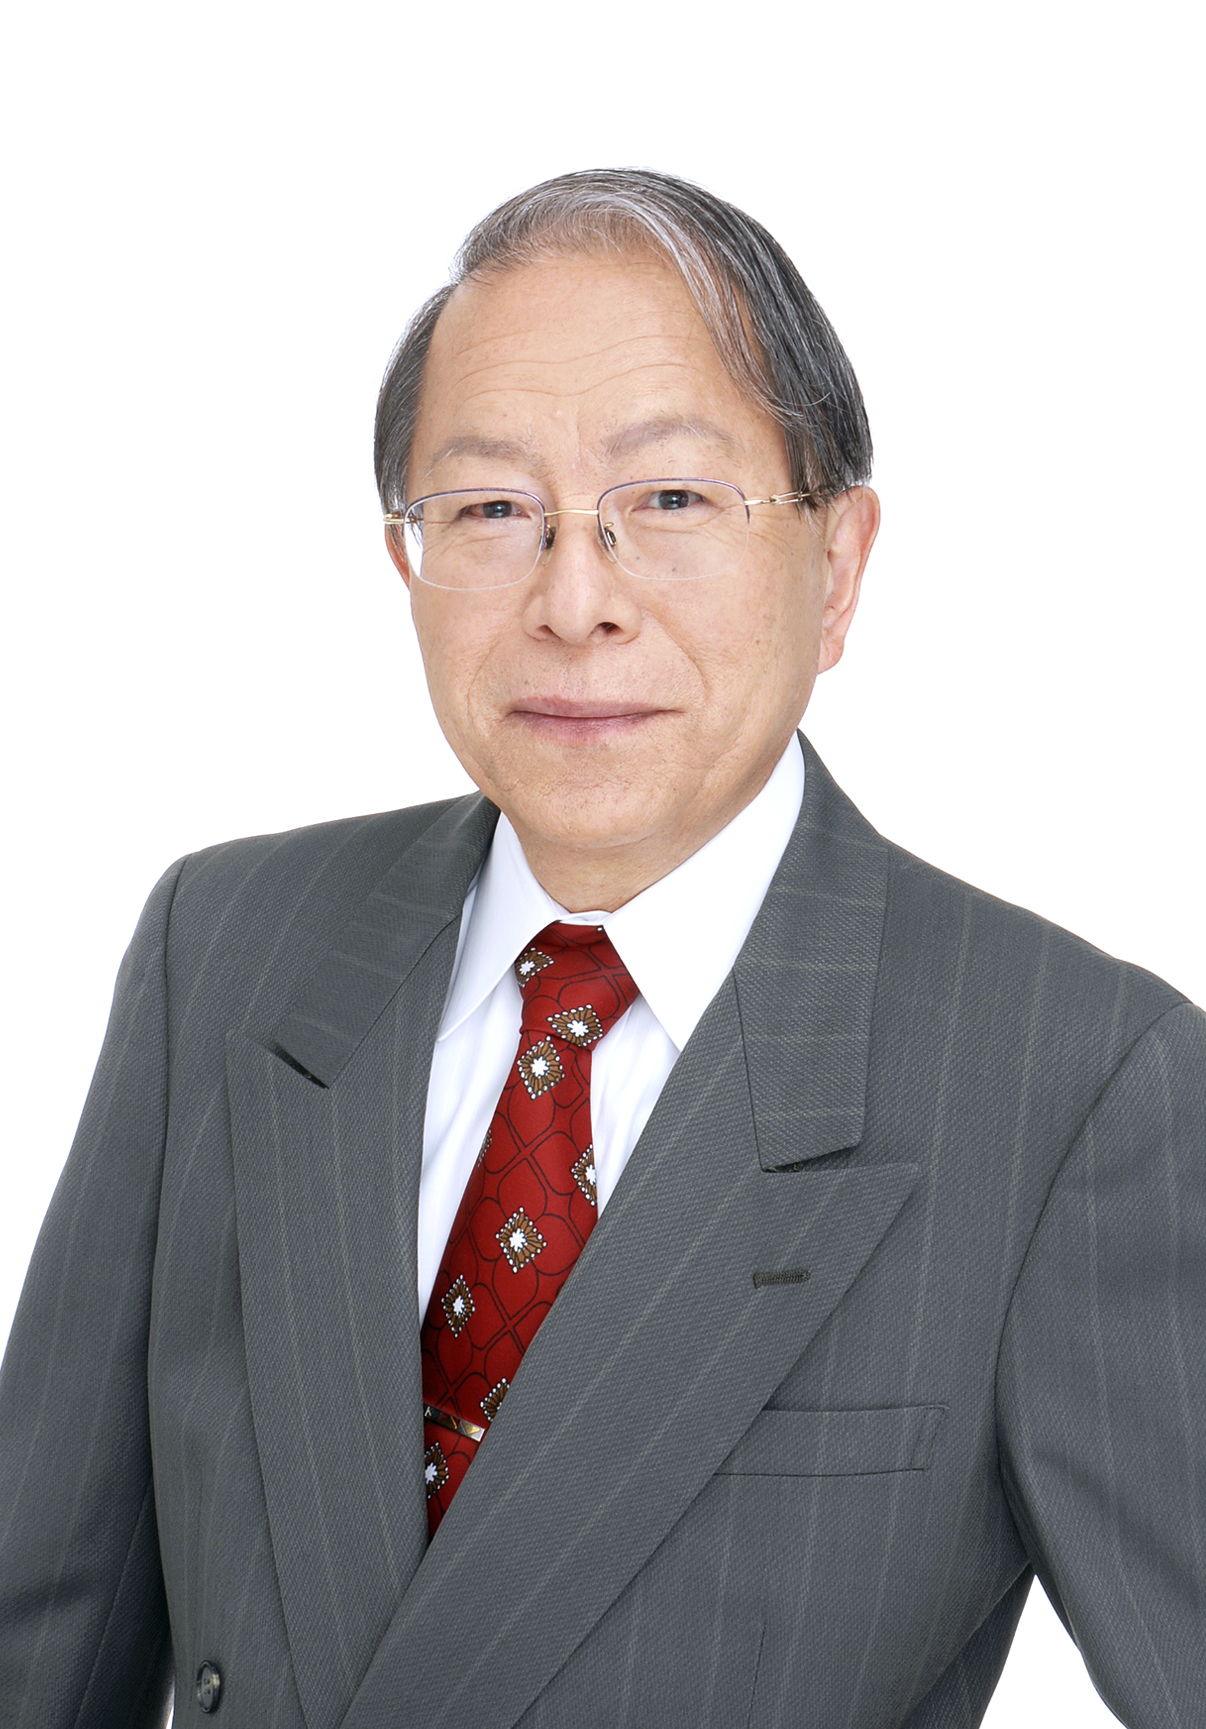 『お城EXPO』実行委員会委員長 公益財団法人 日本城郭協会 会長   小和田 哲男